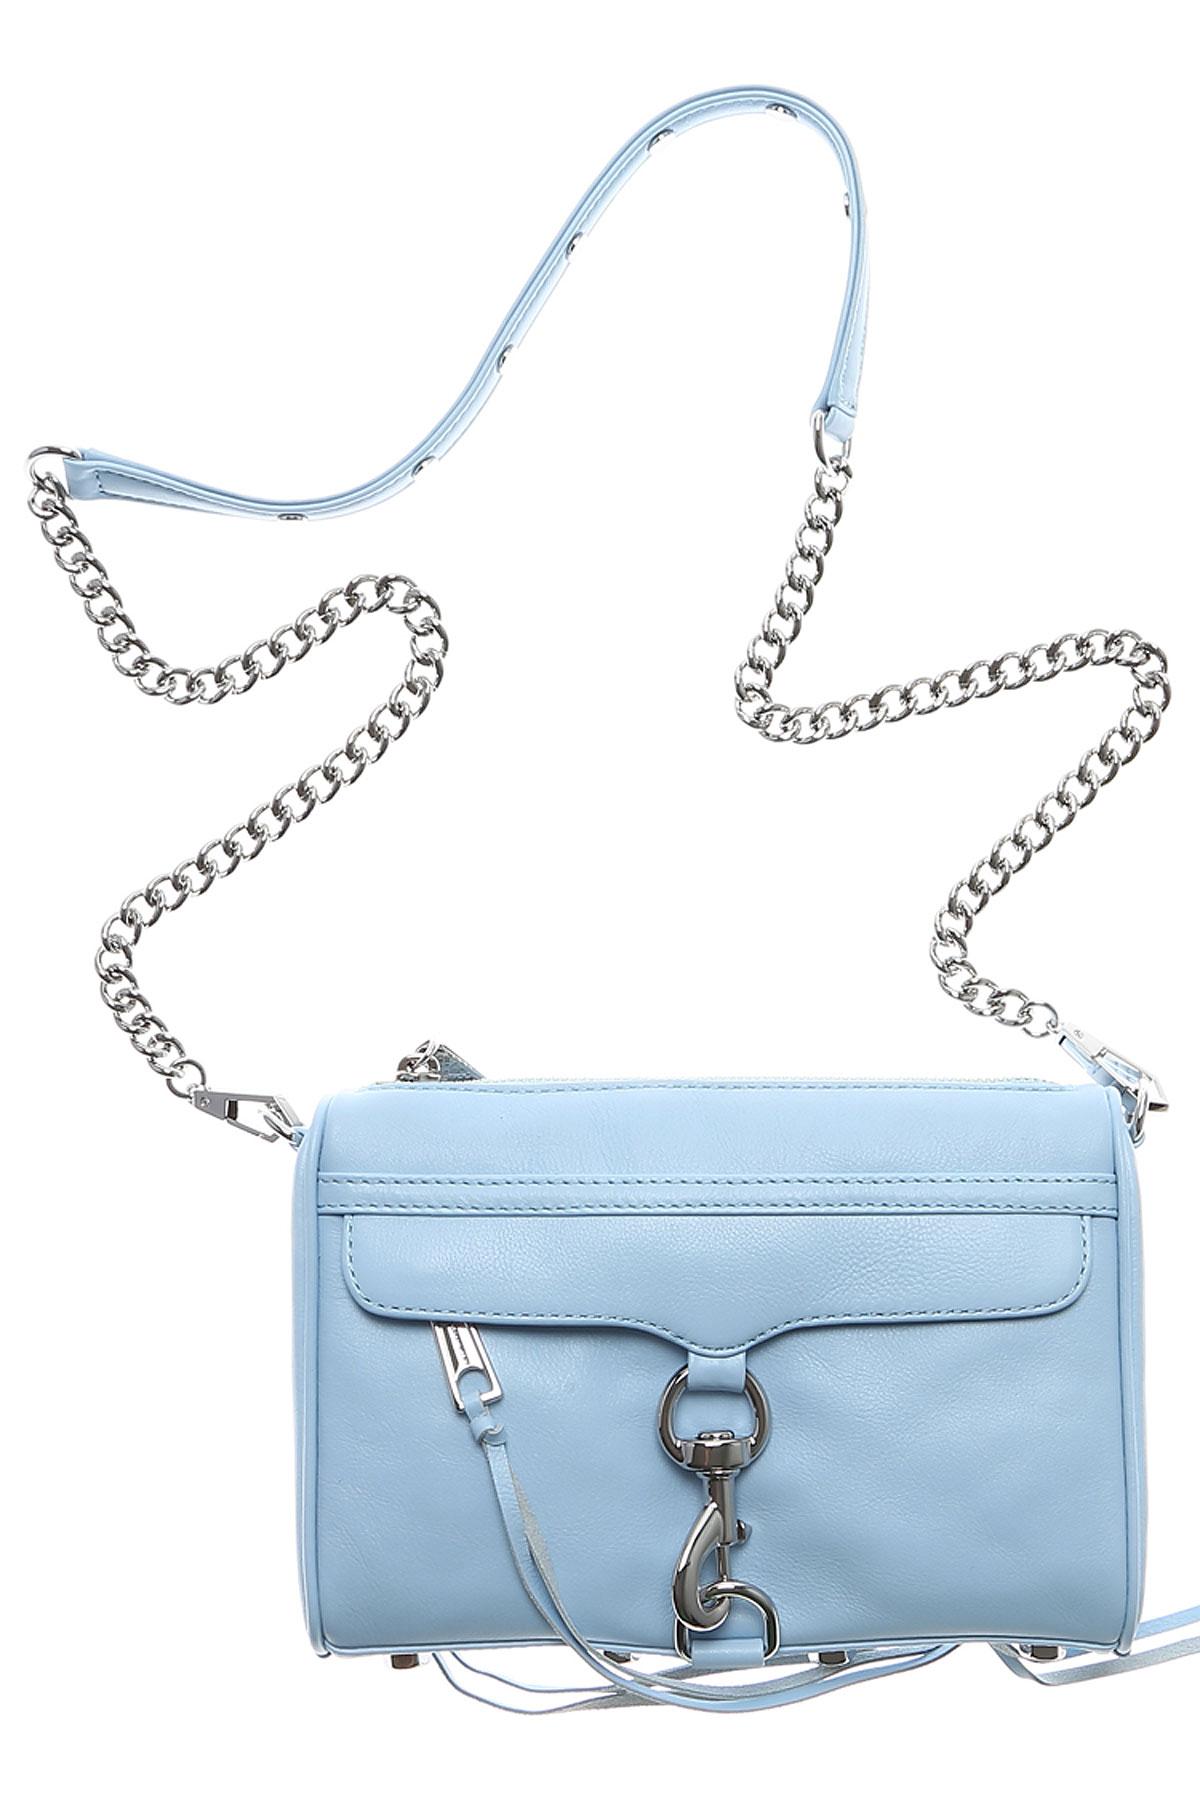 Rebecca Minkoff Shoulder Bag for Women On Sale, Light Blue, Leather, 2017 USA-363022